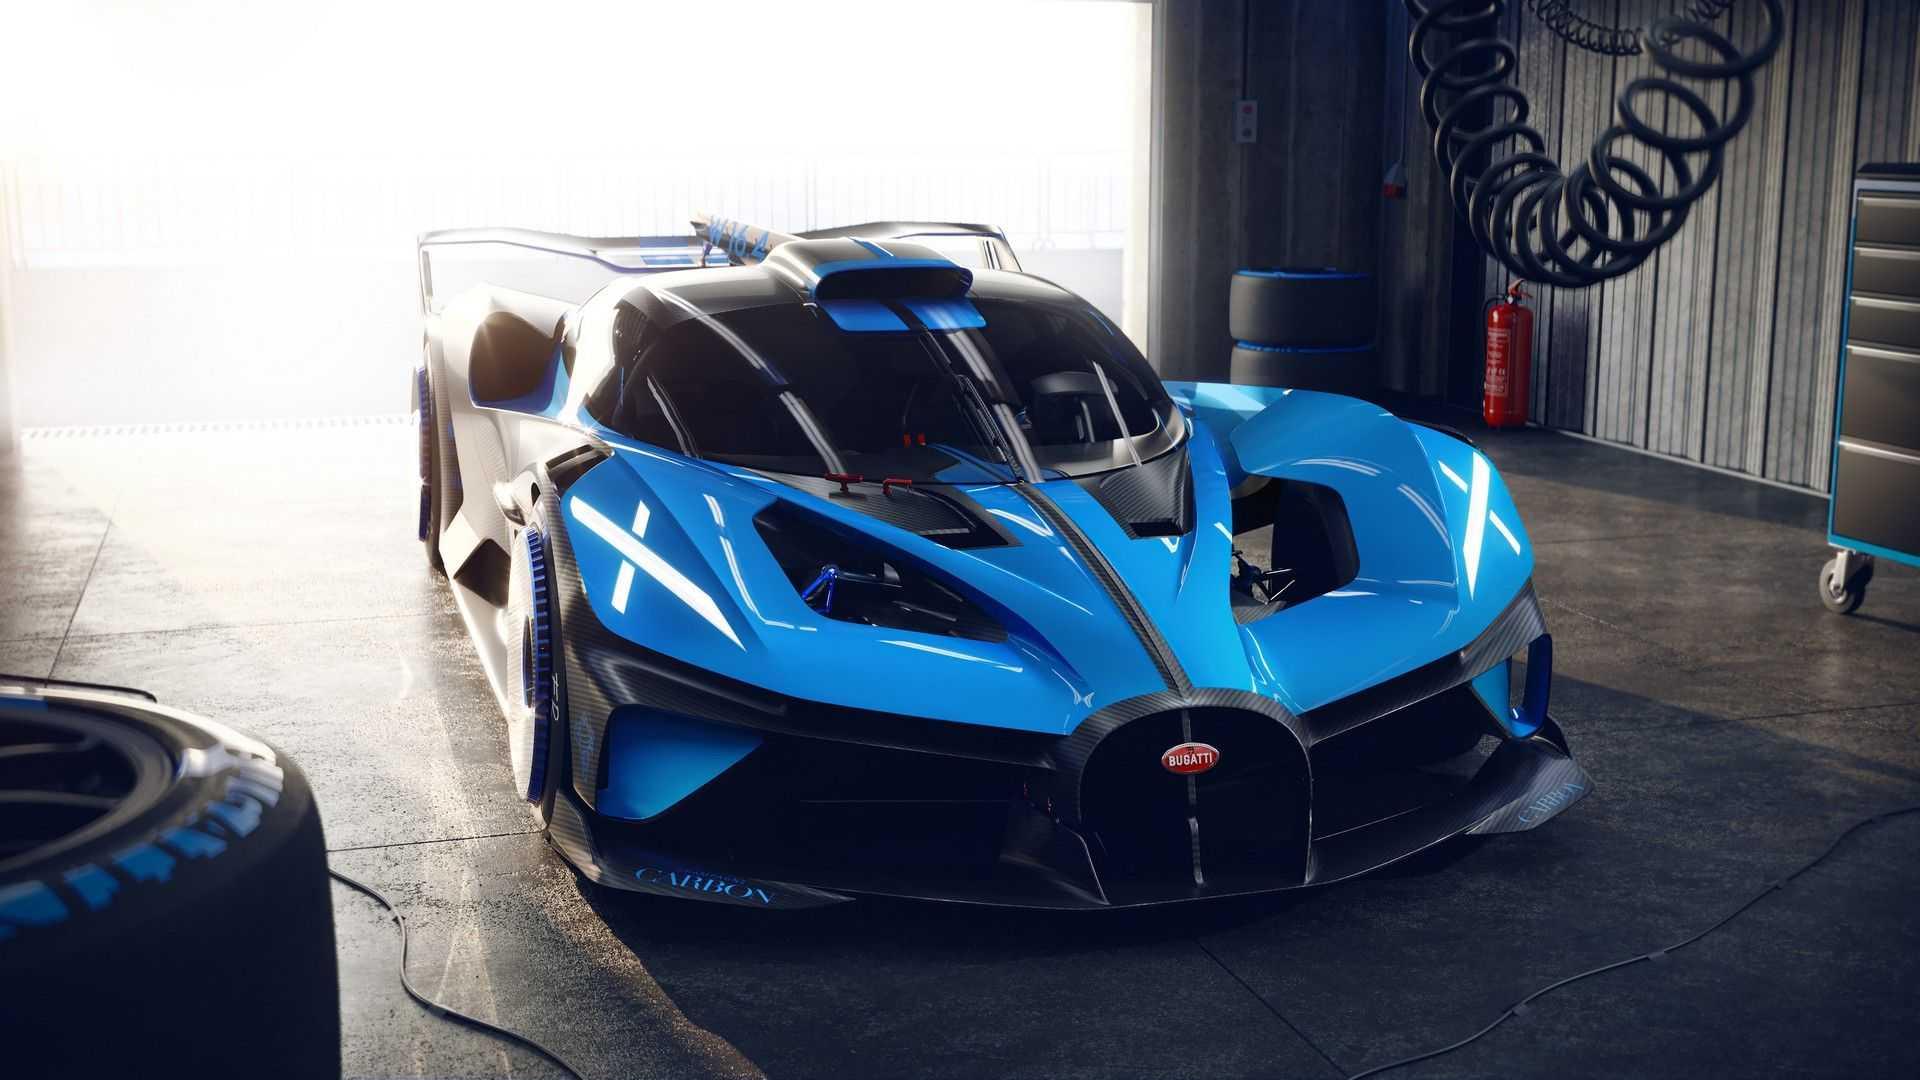 Bugatti Bolide: Απίστευτα γρήγορο υπεραυτοκίνητο πίστας [vid]